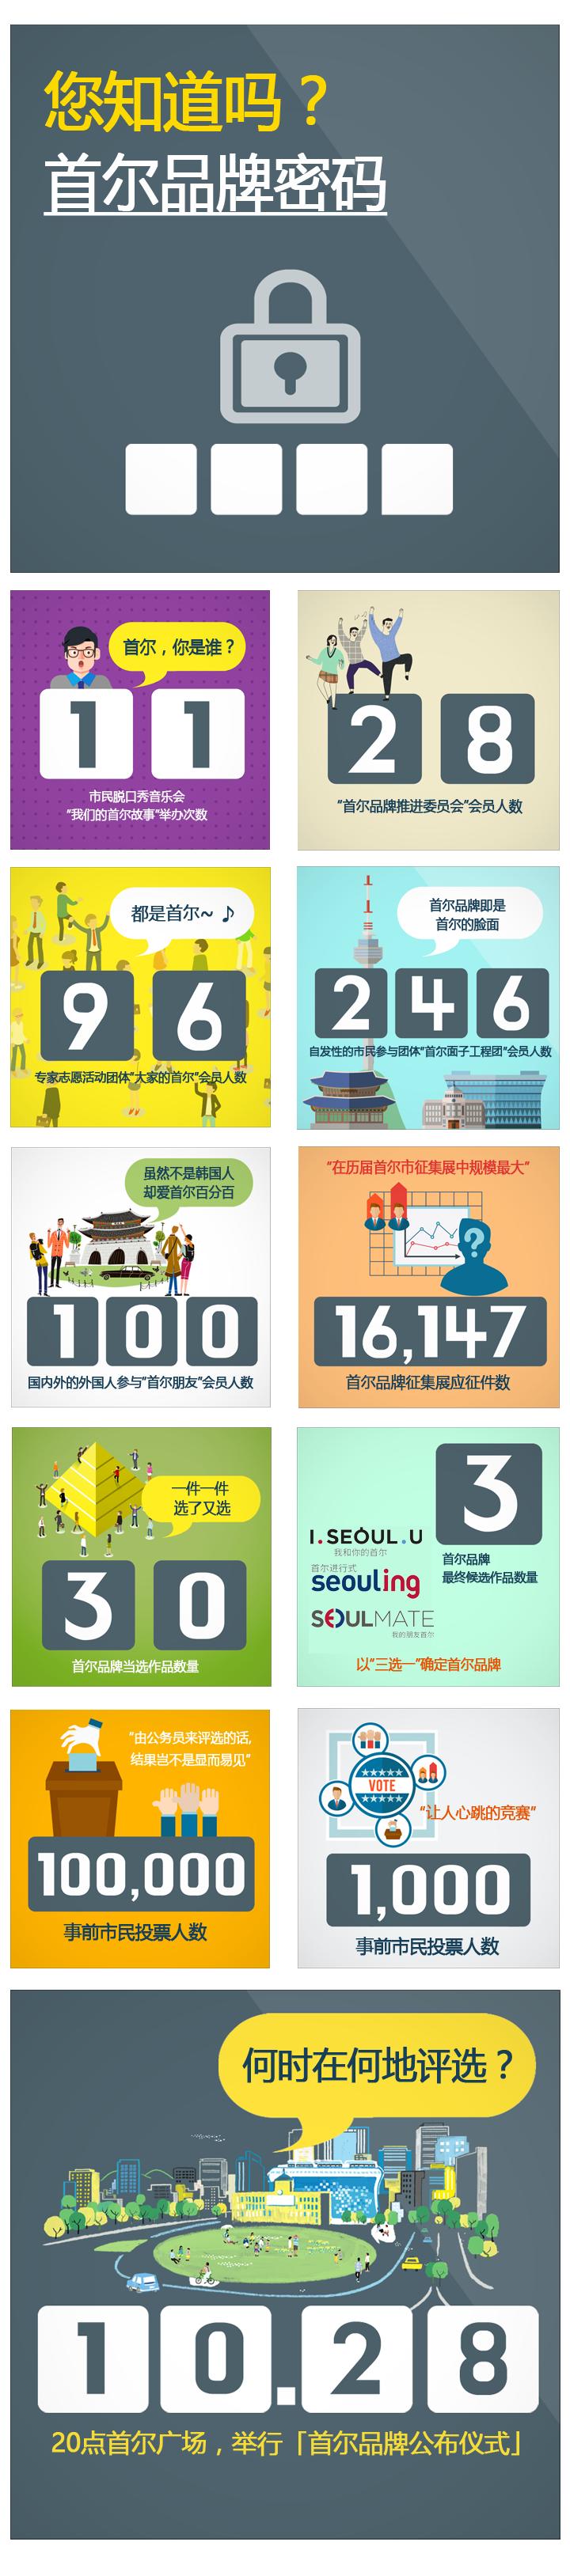 首尔品牌卡新闻 – 数字篇